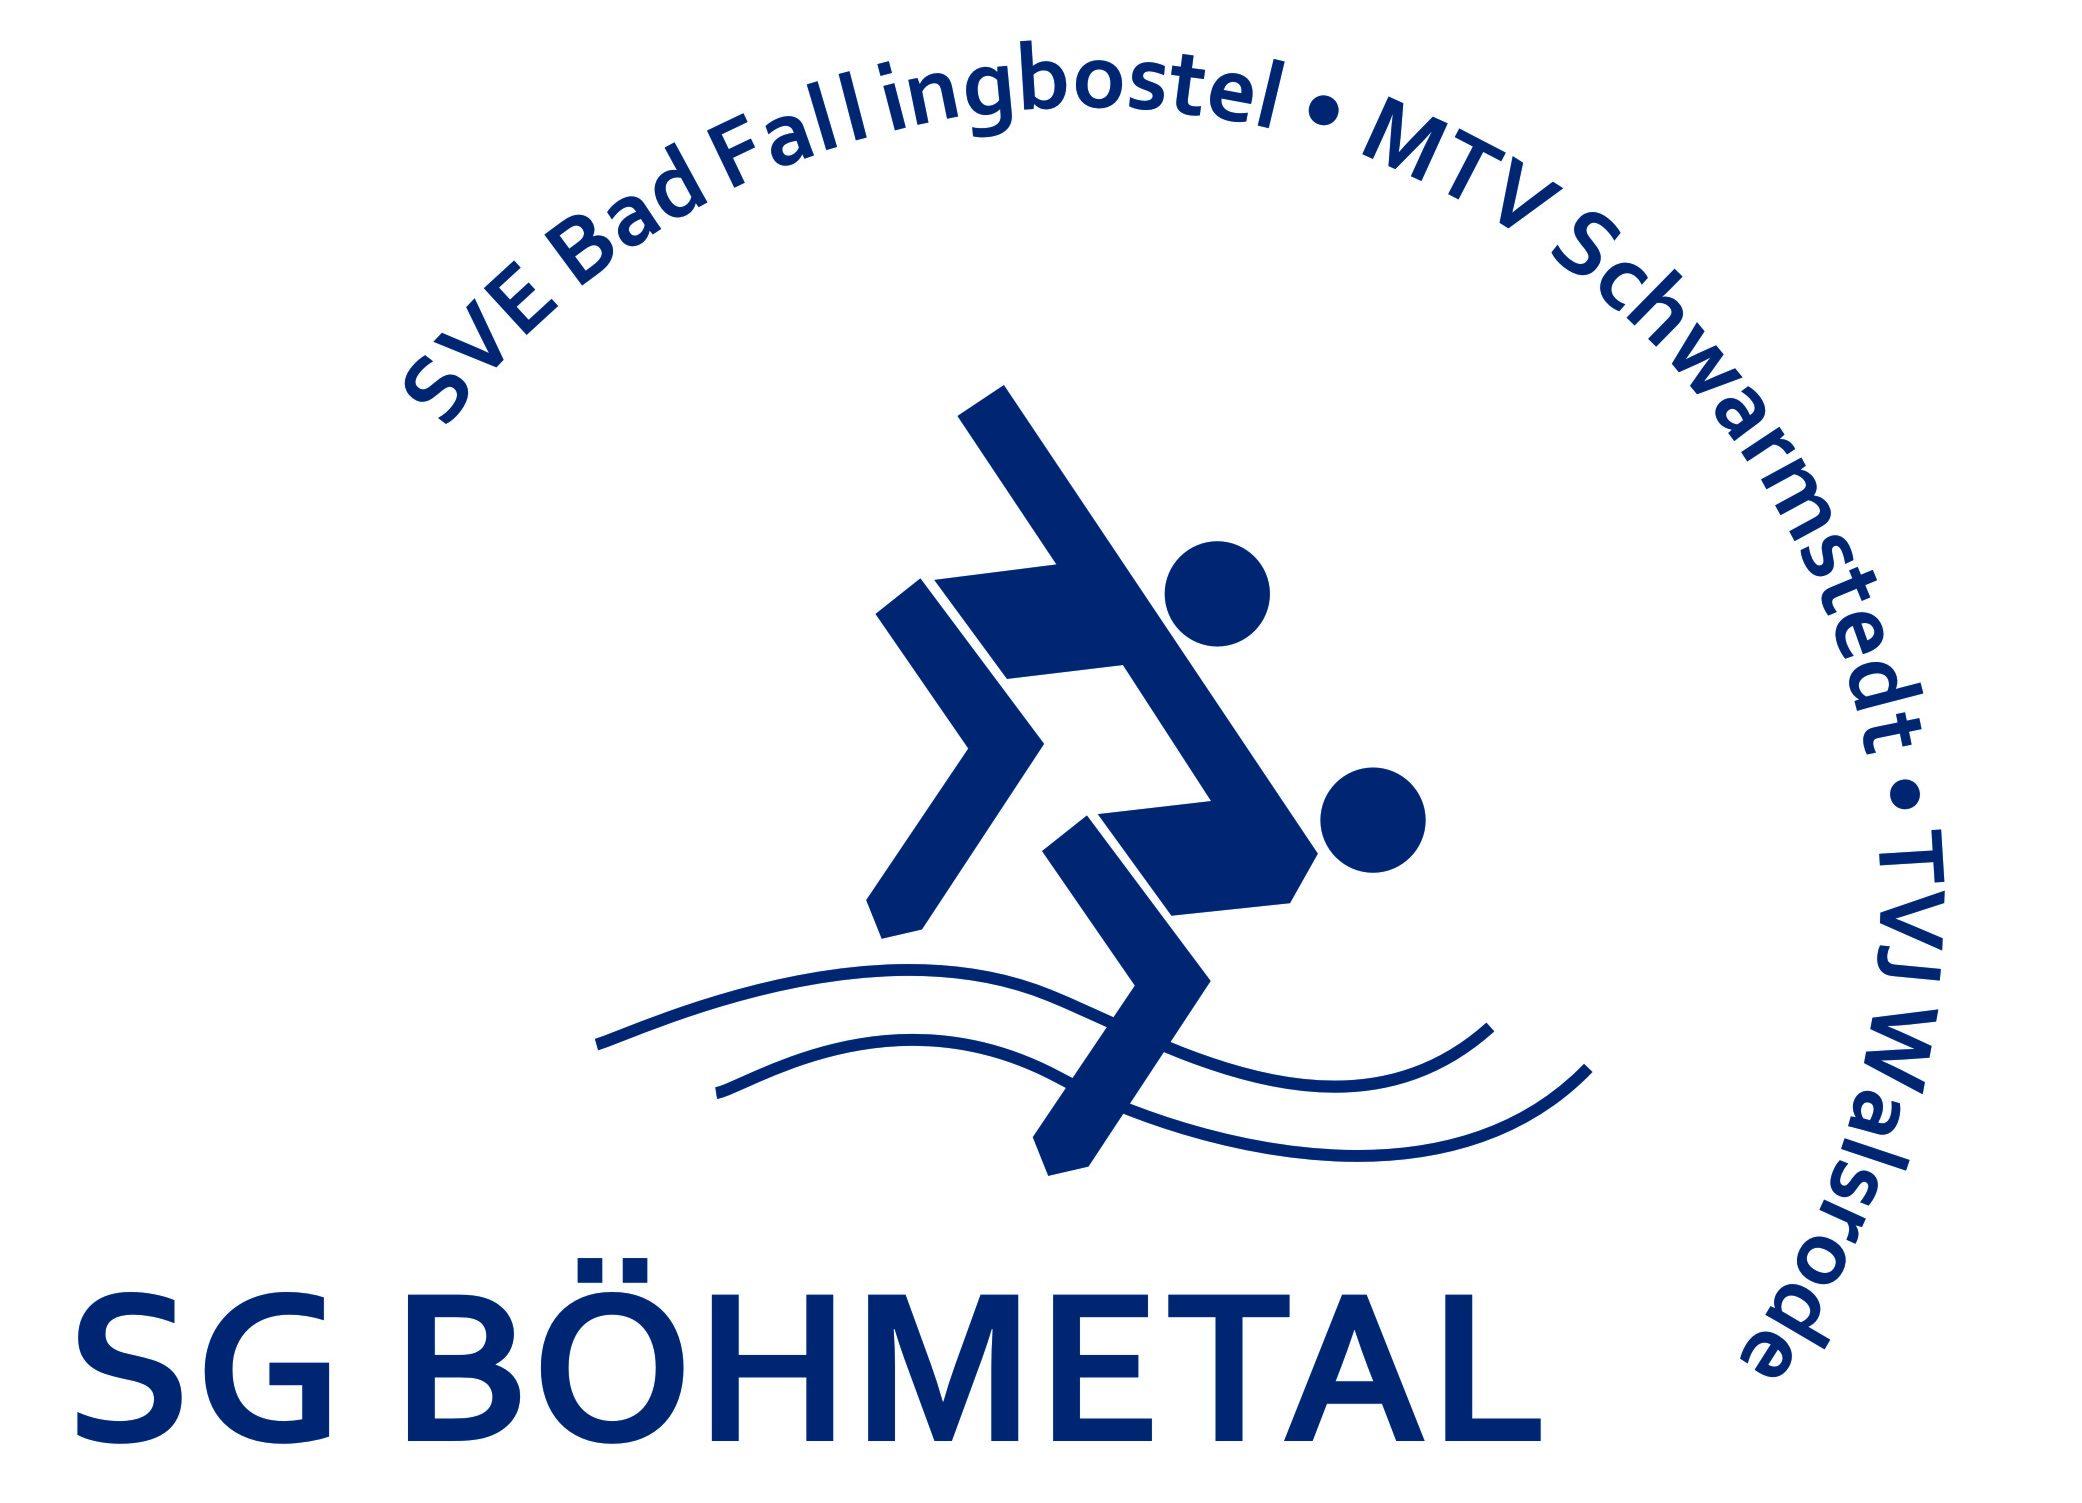 SG Böhmetal und Schwimmsport-Förderverein